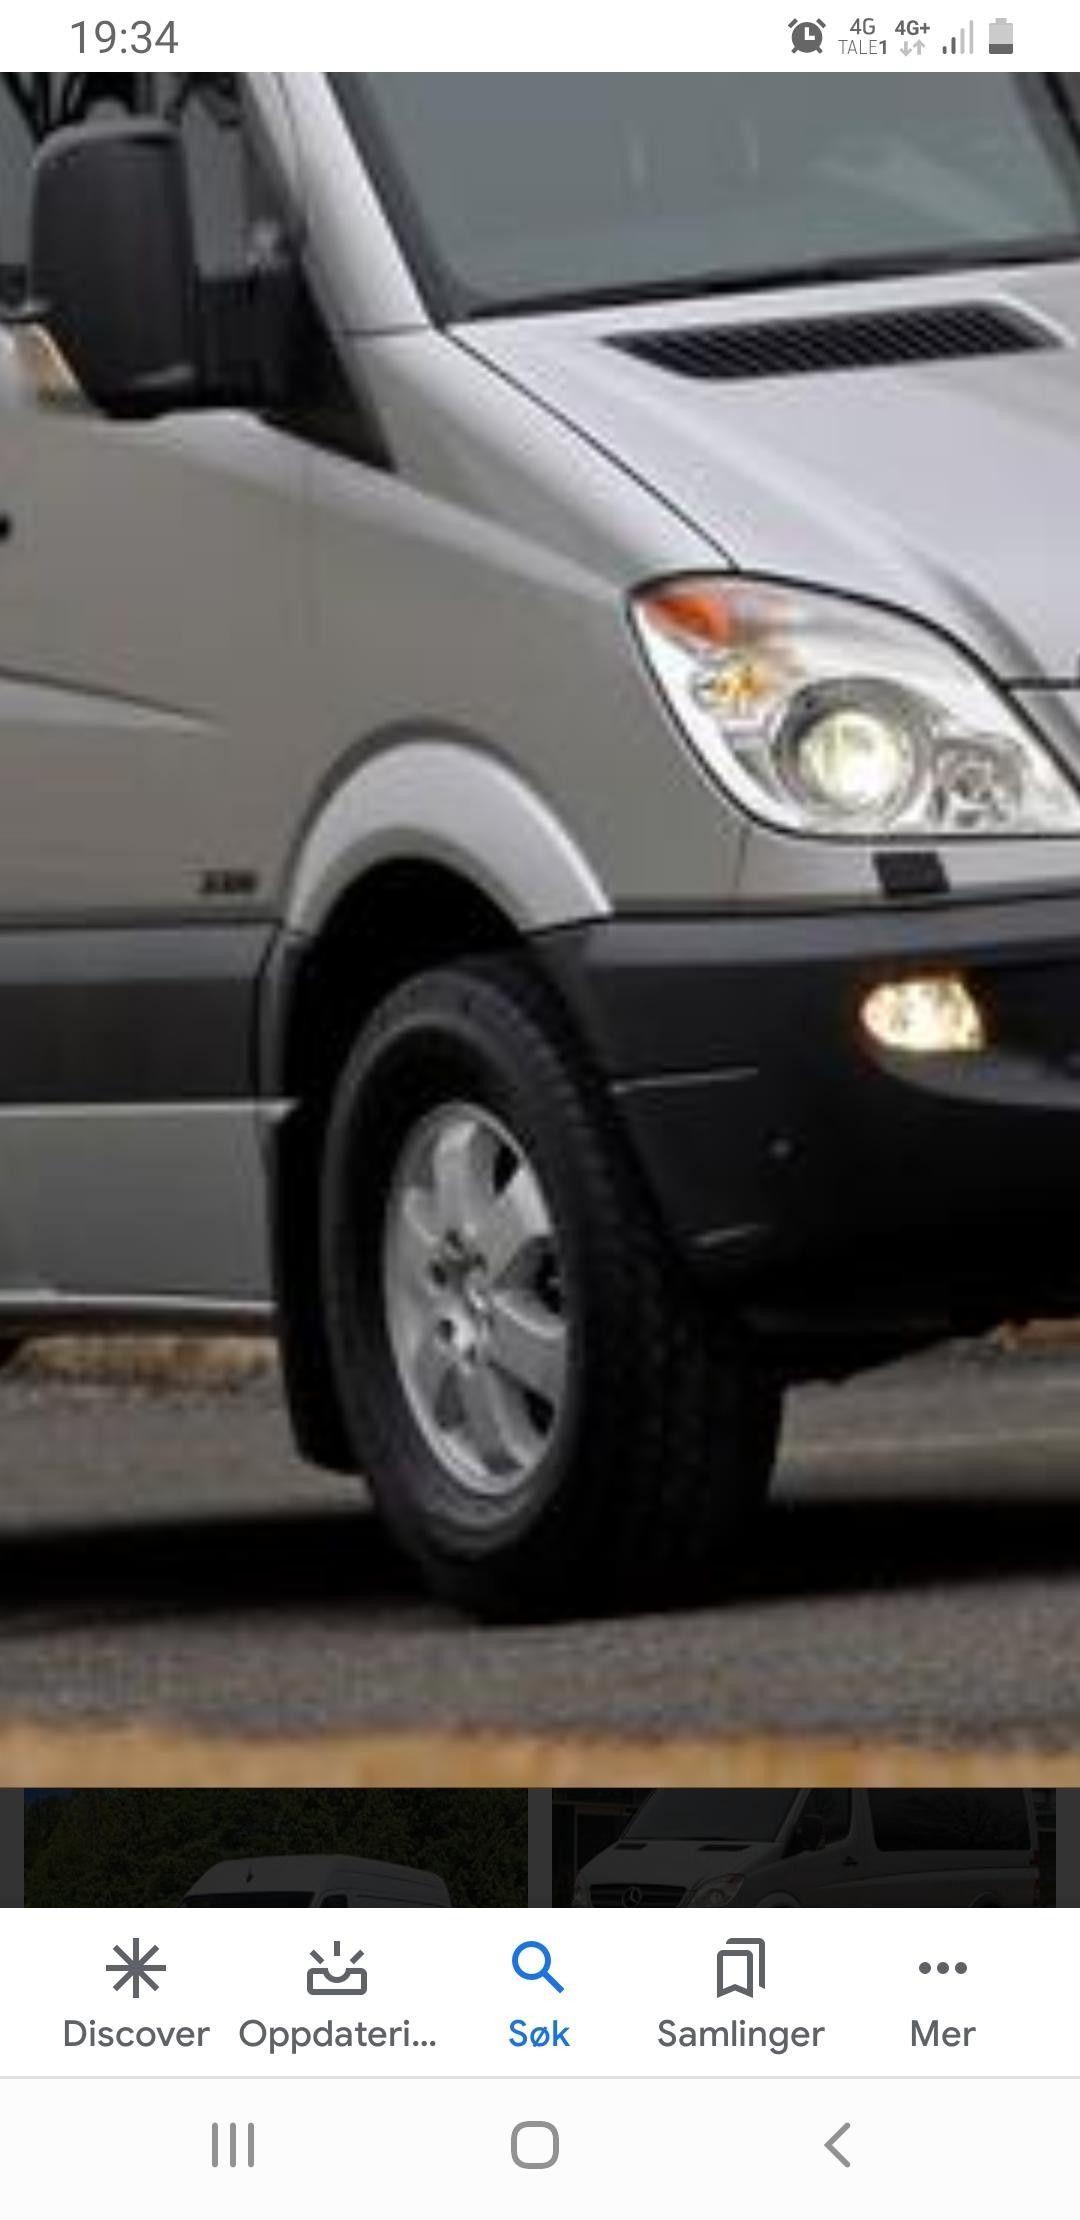 Mercedes Benz Sprinter 2006 2020 mod brukte og nye bildeler